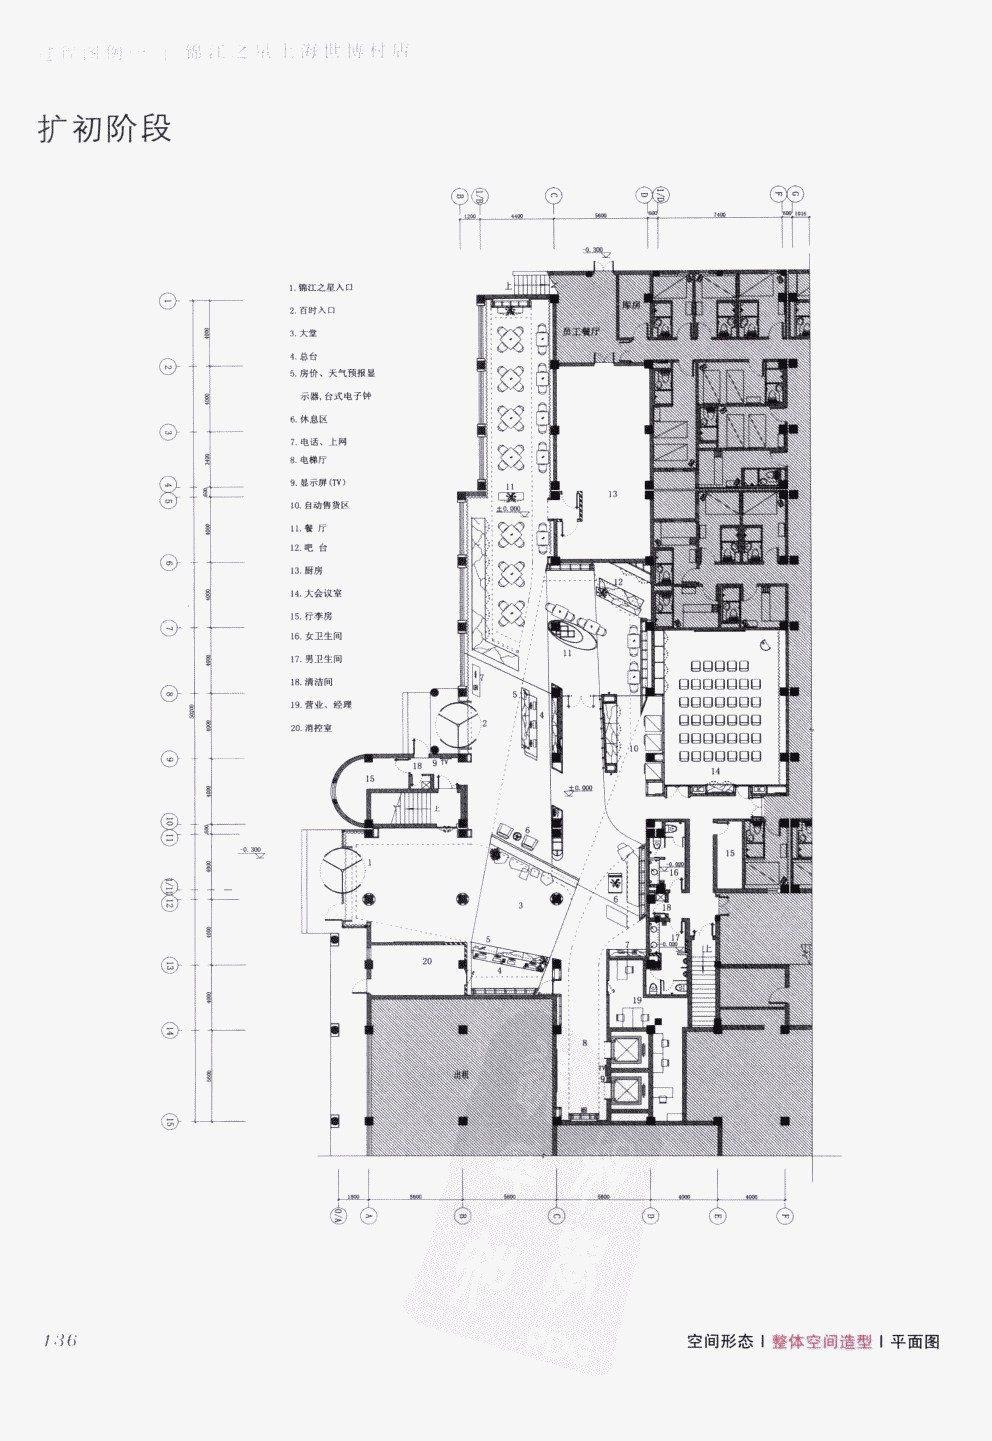 室内设计纲要++概念思考与过程表达_室内设计纲要  概念思考与过程表达_1297982..._页面_144.jpg